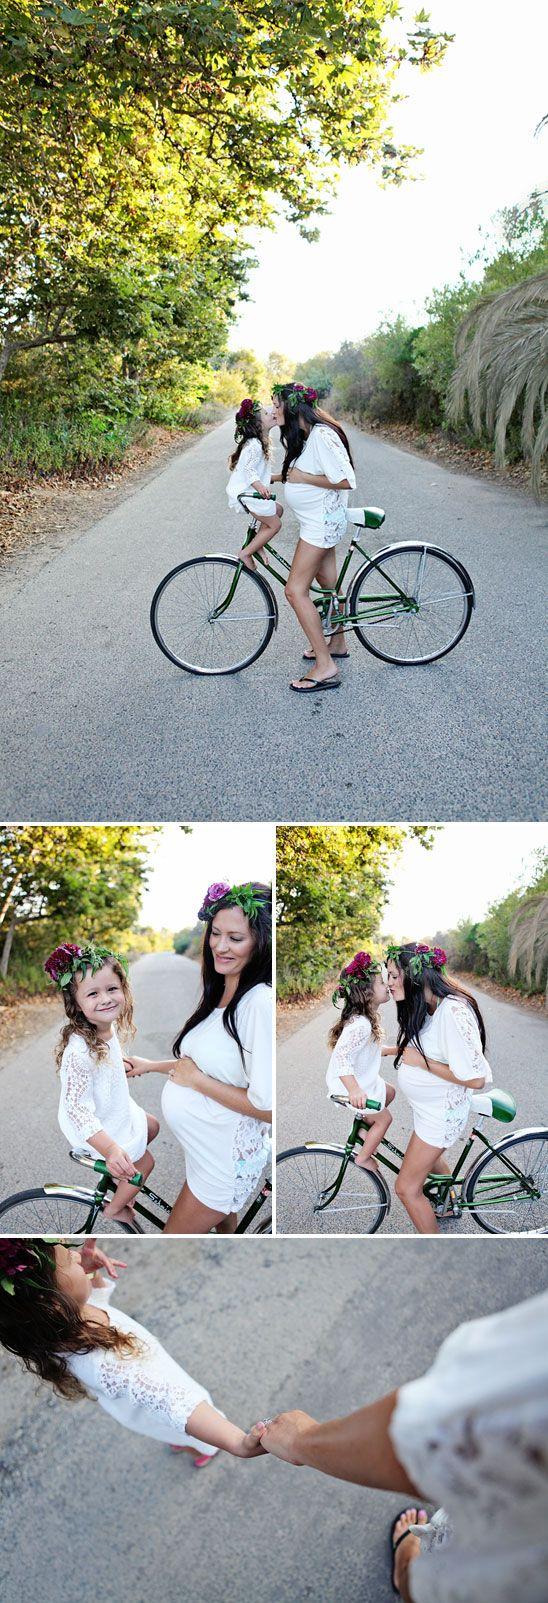 Madre e hija fotografiadas por  Steph Anderson. http://www.stephandersonphotography.com